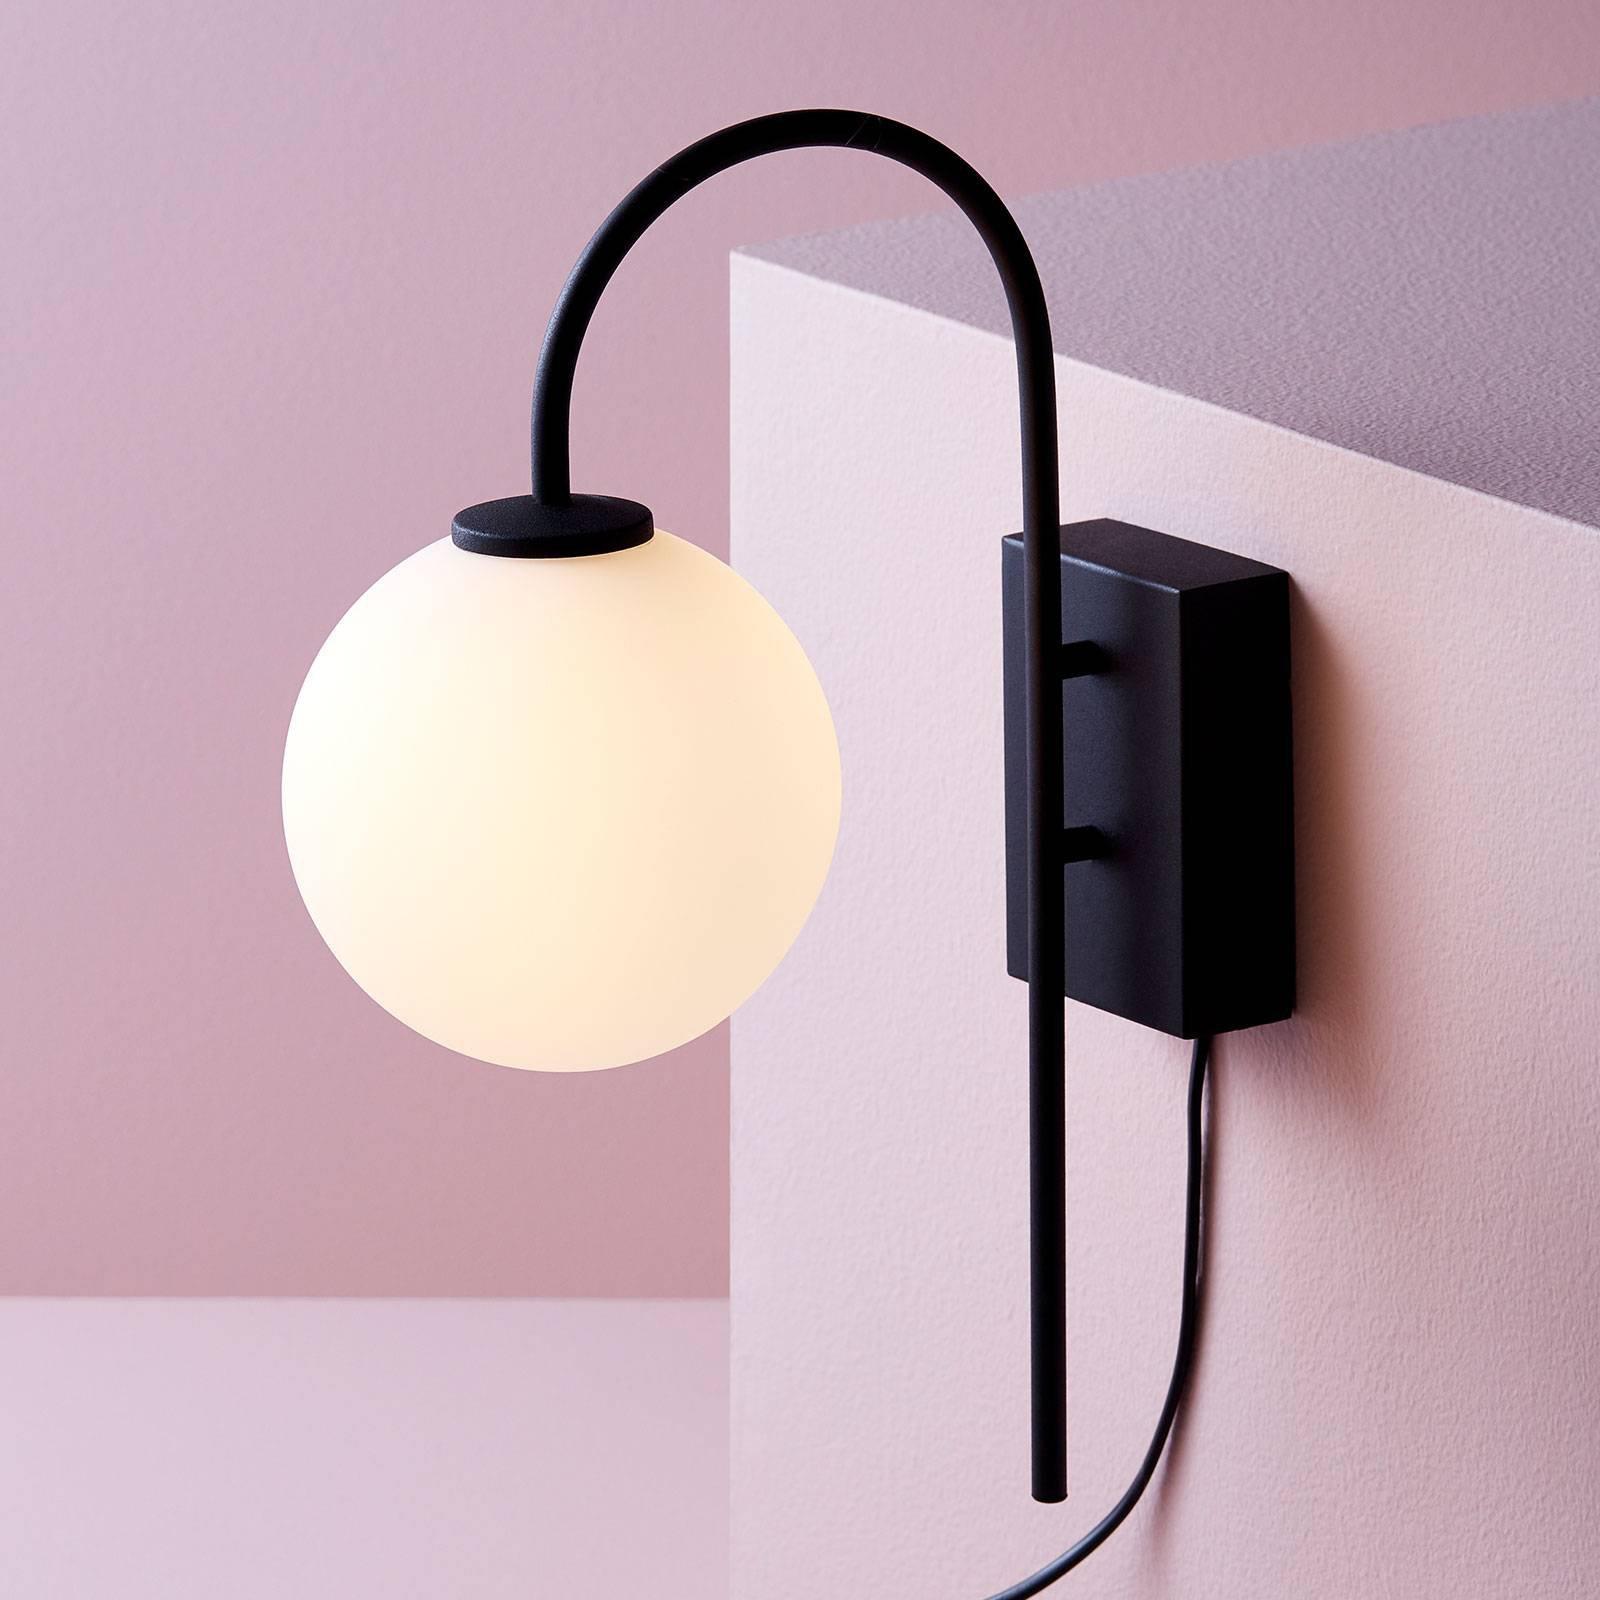 Vegglampe Ballong med plugg, 1 lyskilde, svart